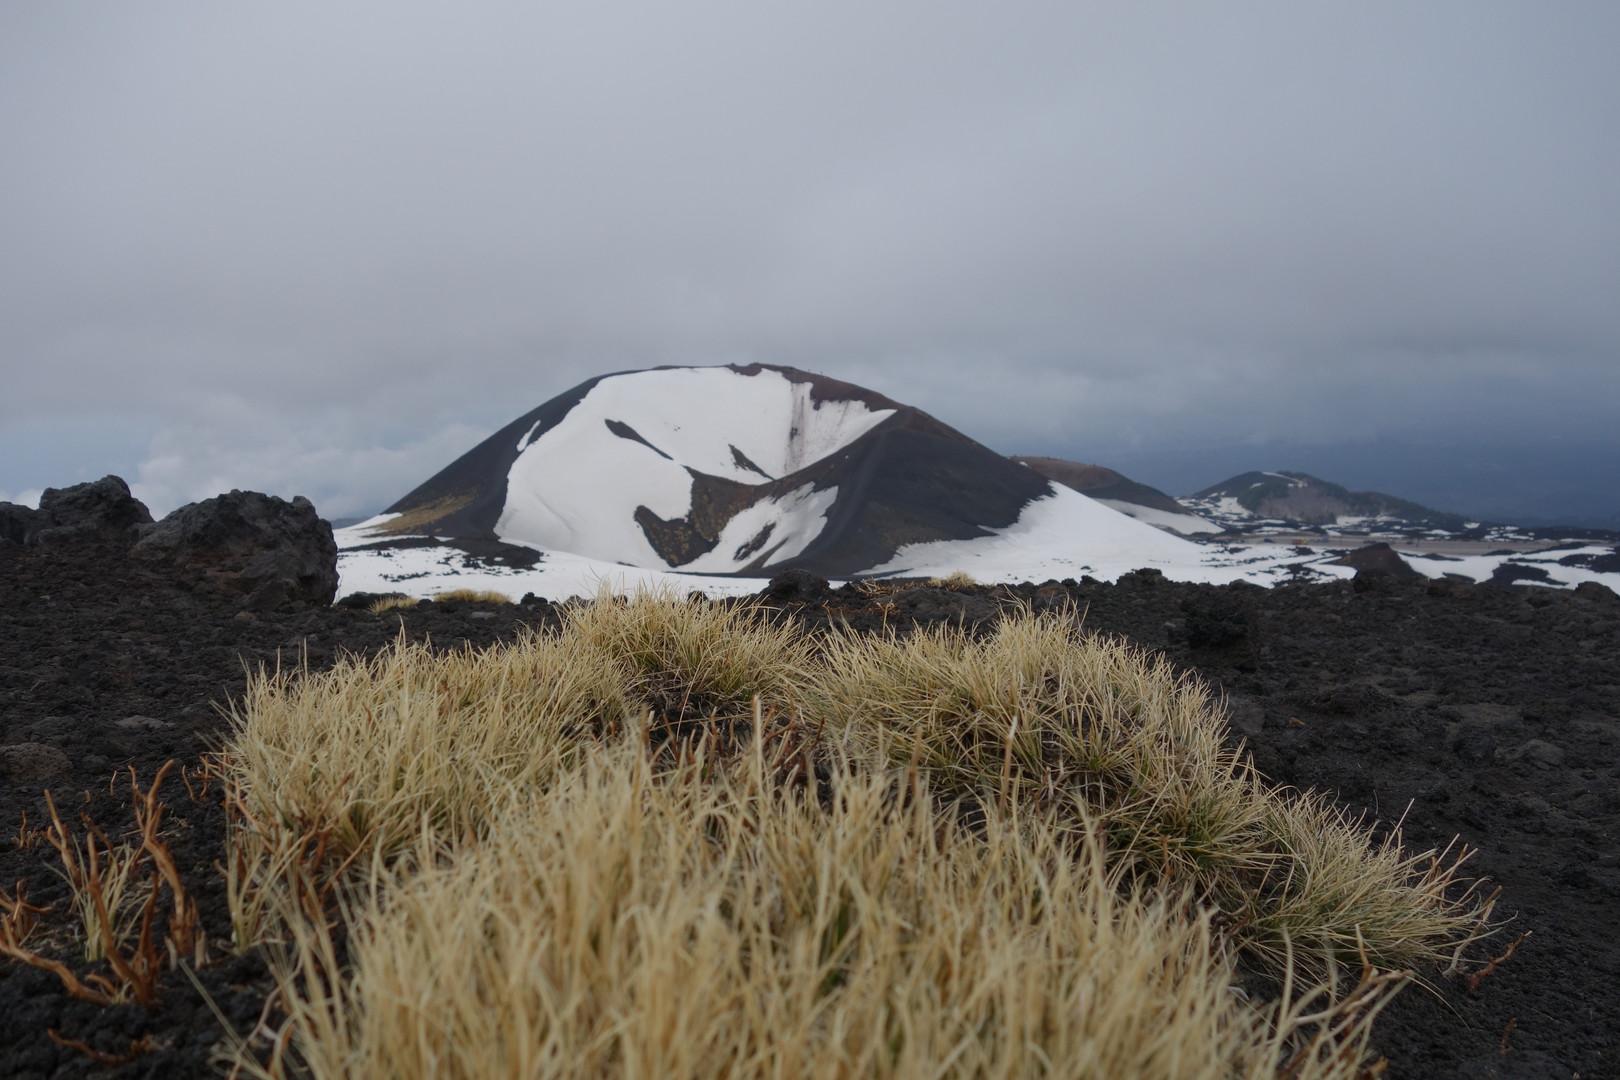 Der gesamte Vulkankegel ist gesäumt von Kratern älterer Ausbrüche